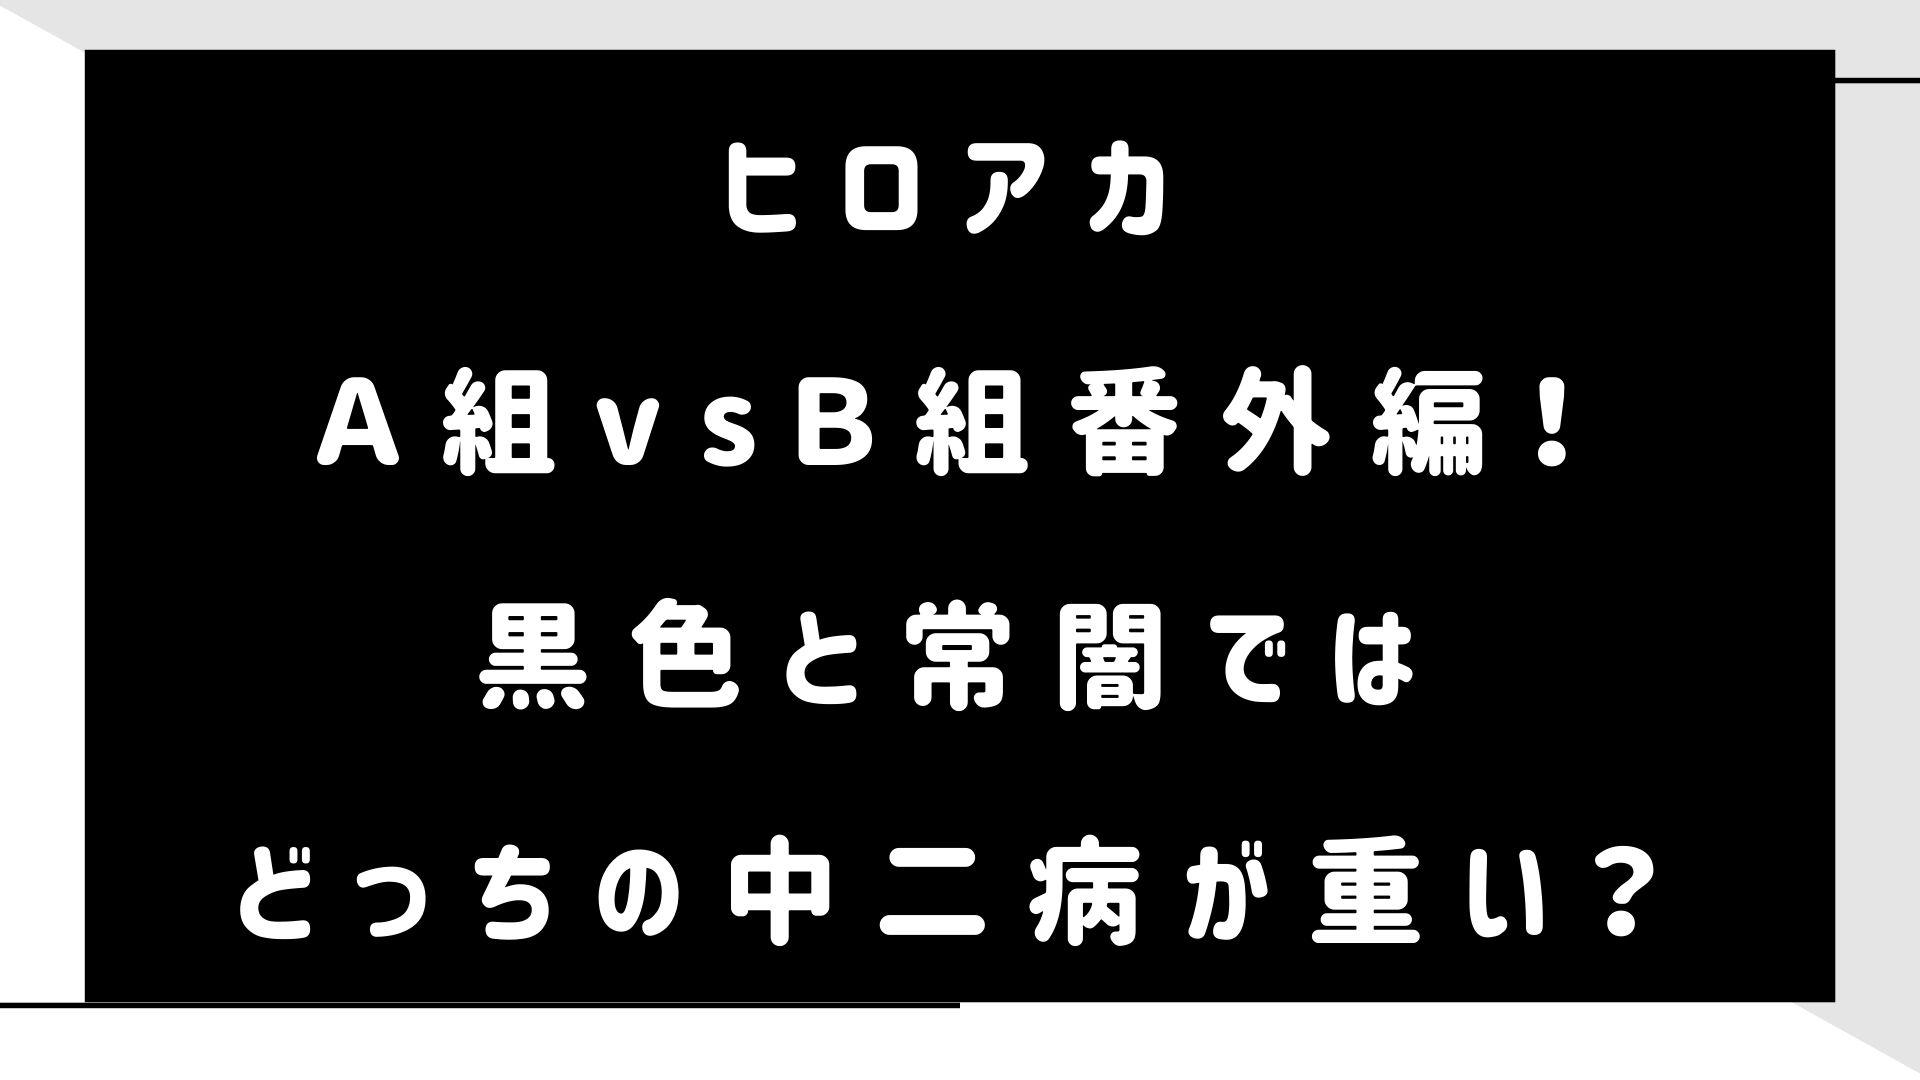 ヒロアカA組vsB組番外編!黒色と常闇ではどっちの中二病が重い?